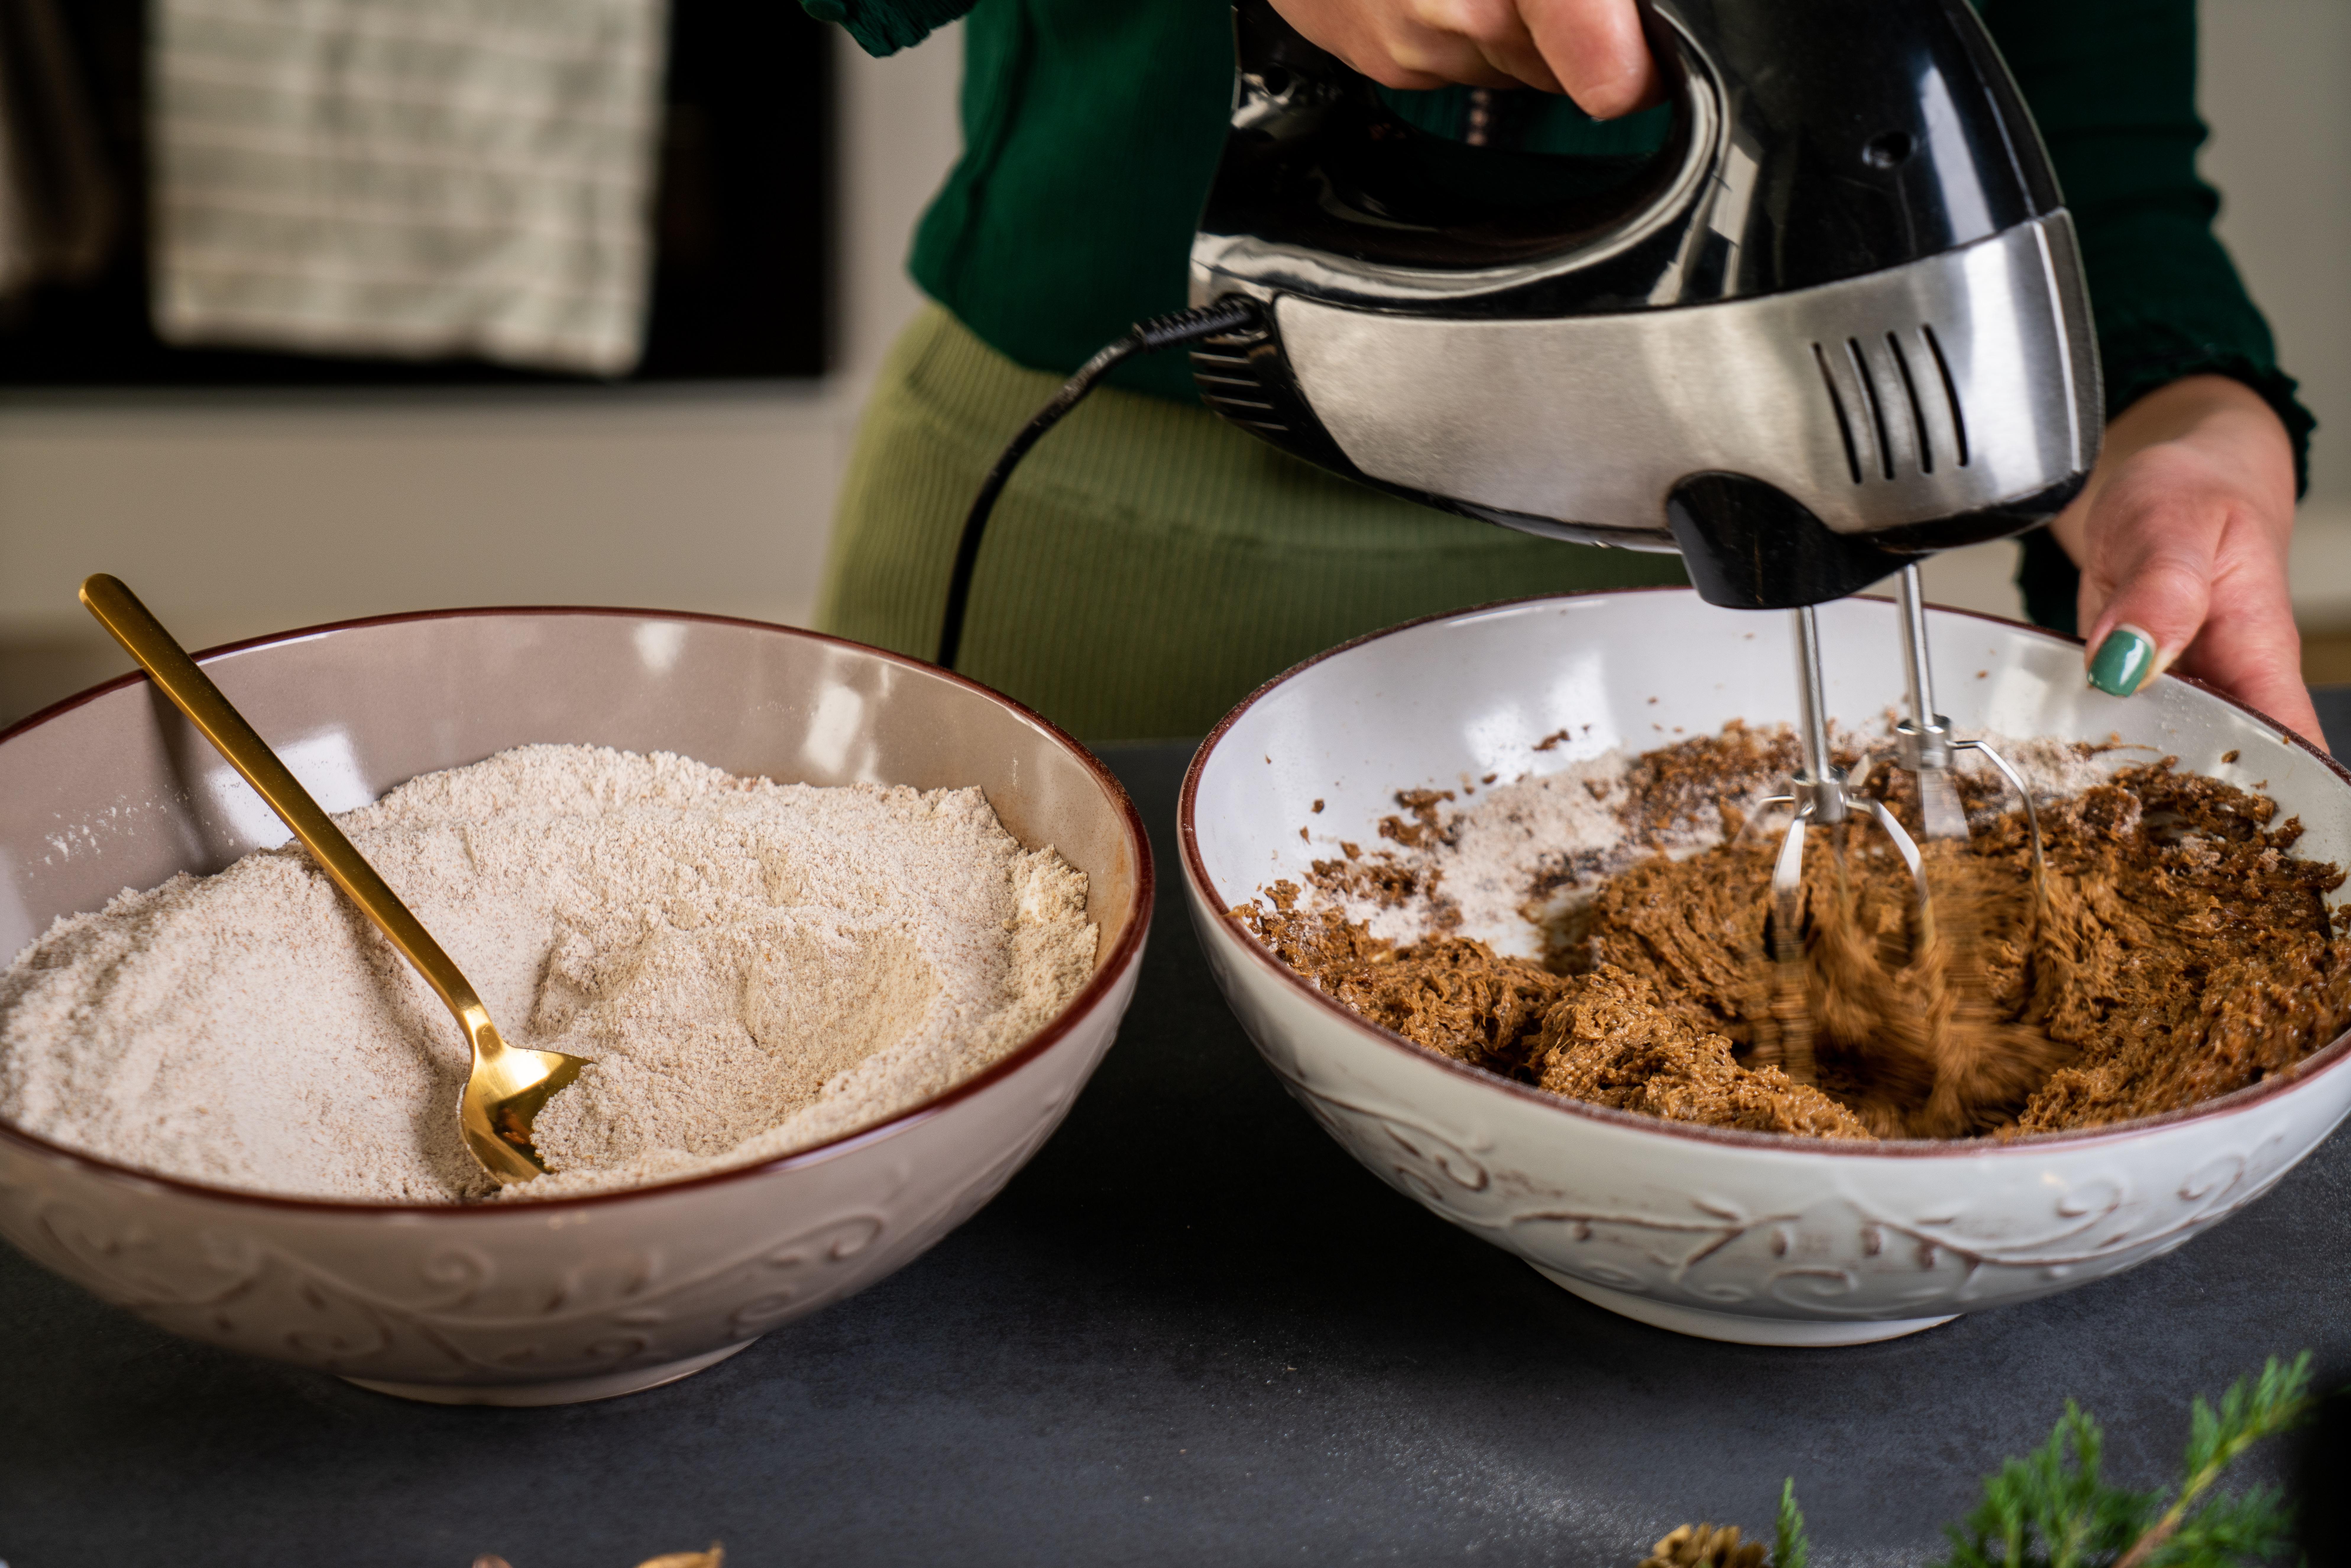 pasos para preparar galletas caseras fáciles de hacer, mezclar con batidora eléctrica los ingredientes húmedos, pasos en fotos